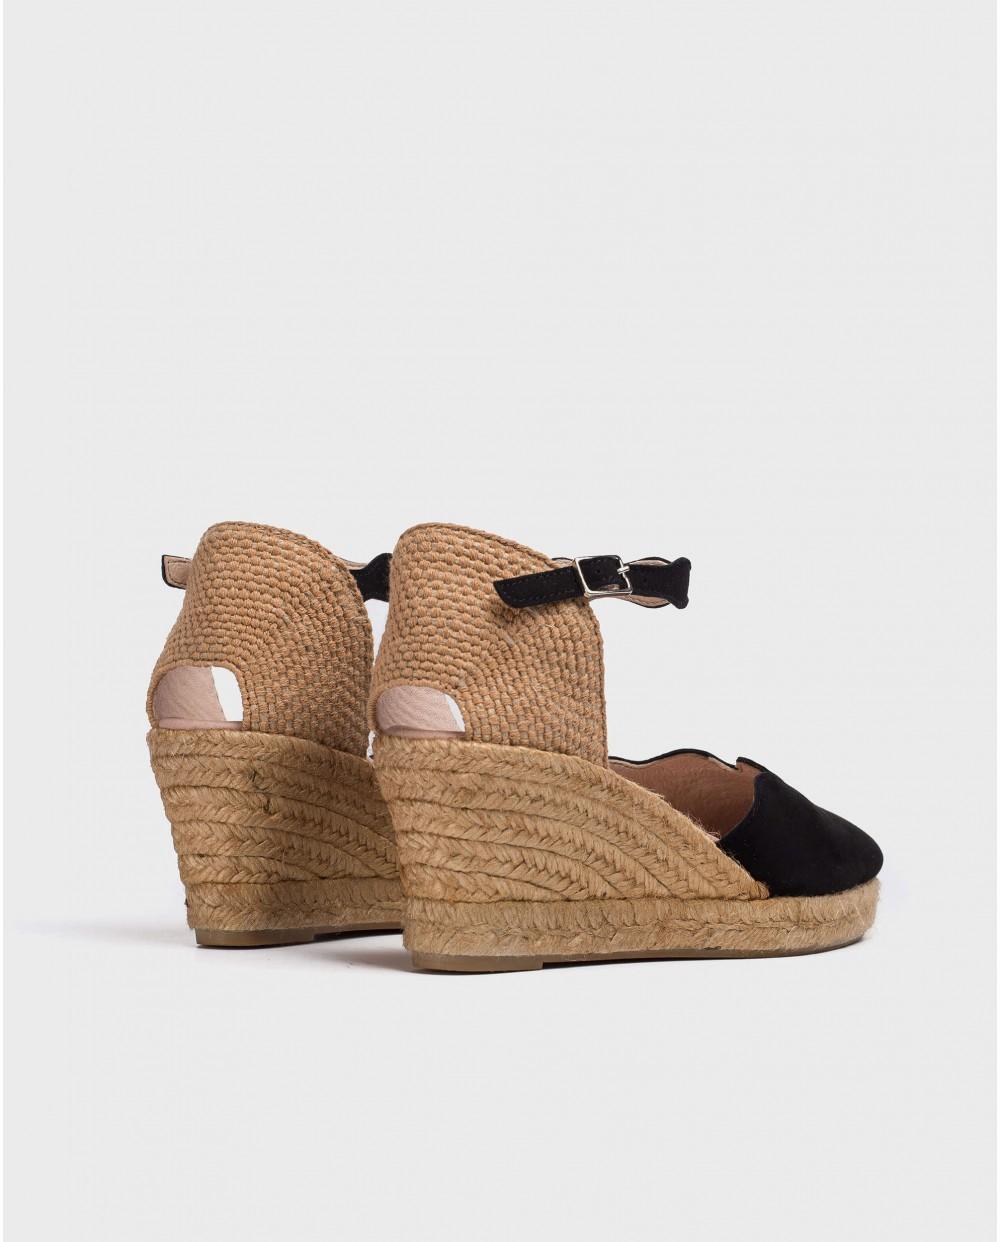 Wonders-Wedges-Jute sandals